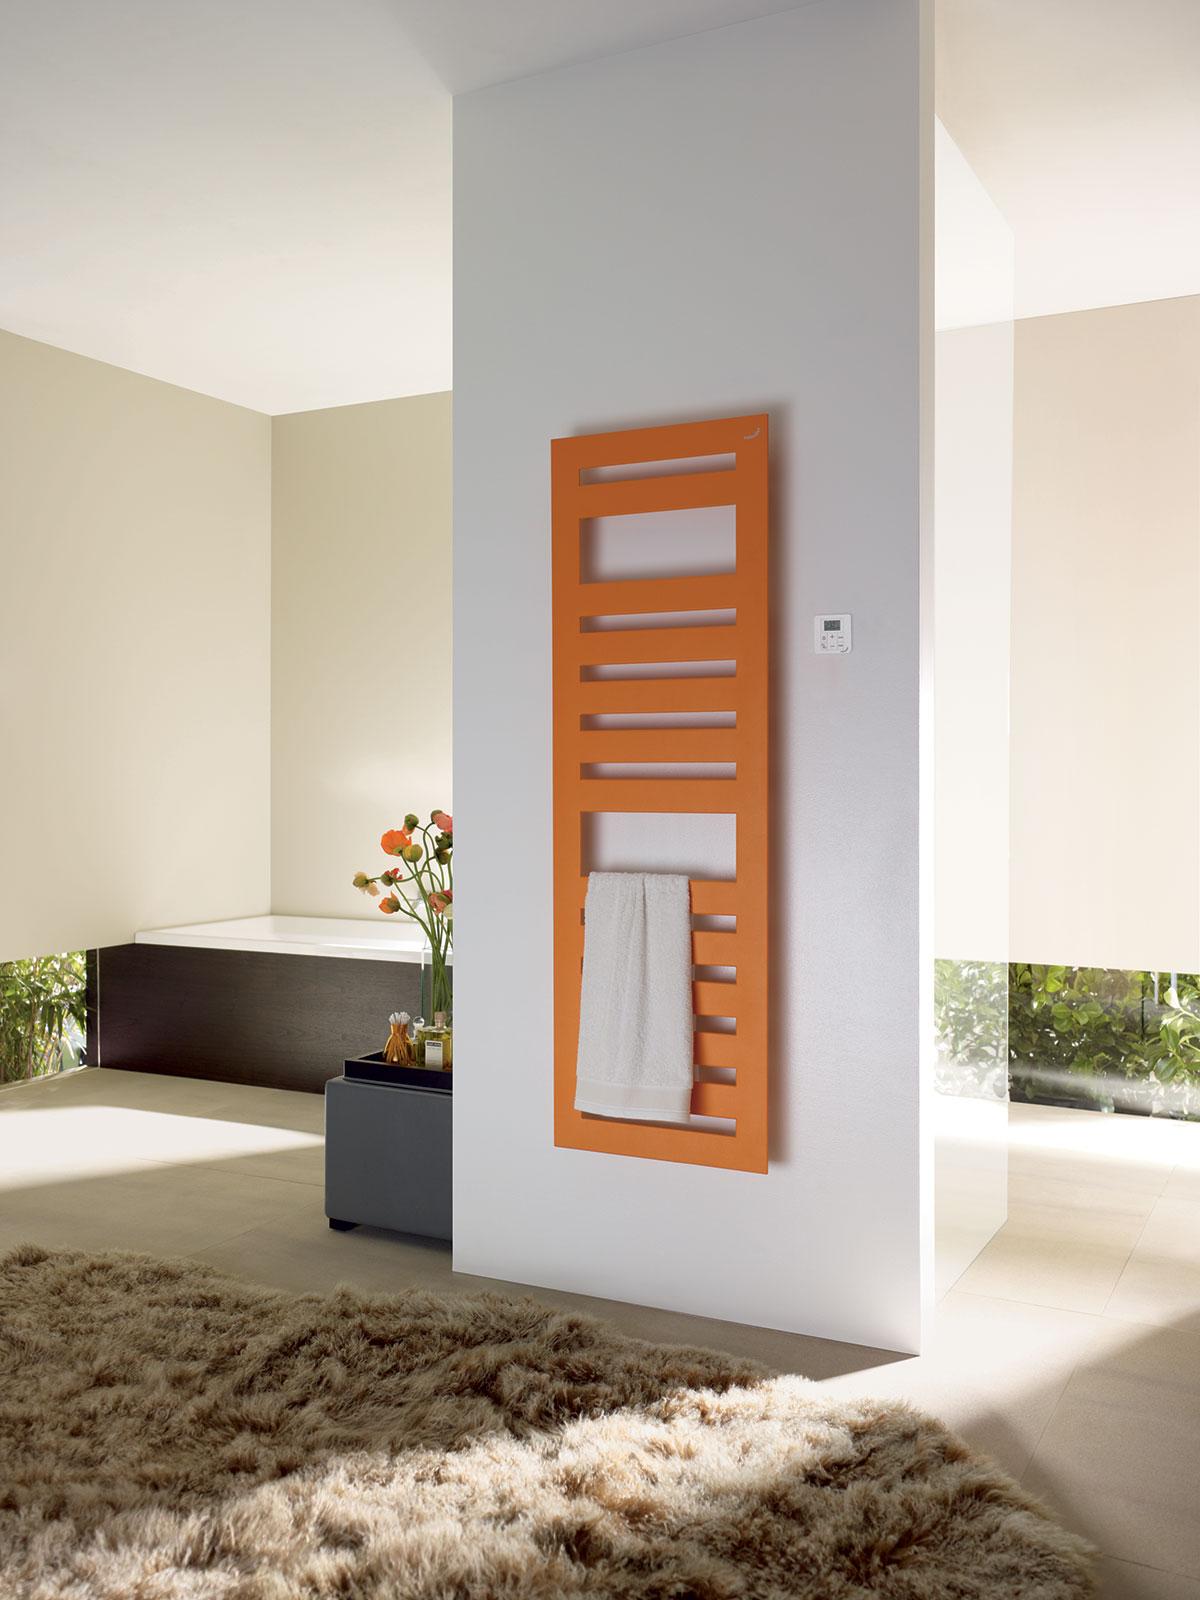 Takmer všetky kúpeľňové radiátory Zehnder existujú tiež v kombinovanom alebo čisto elektrickom vyhotovení s esteticky skrytou vykurovacou tyčou, pohodlnou reguláciou vykurovania diaľkovým ovládačom a zárukou úspornej prevádzky. Spĺňajú smernicu EcoDesign.